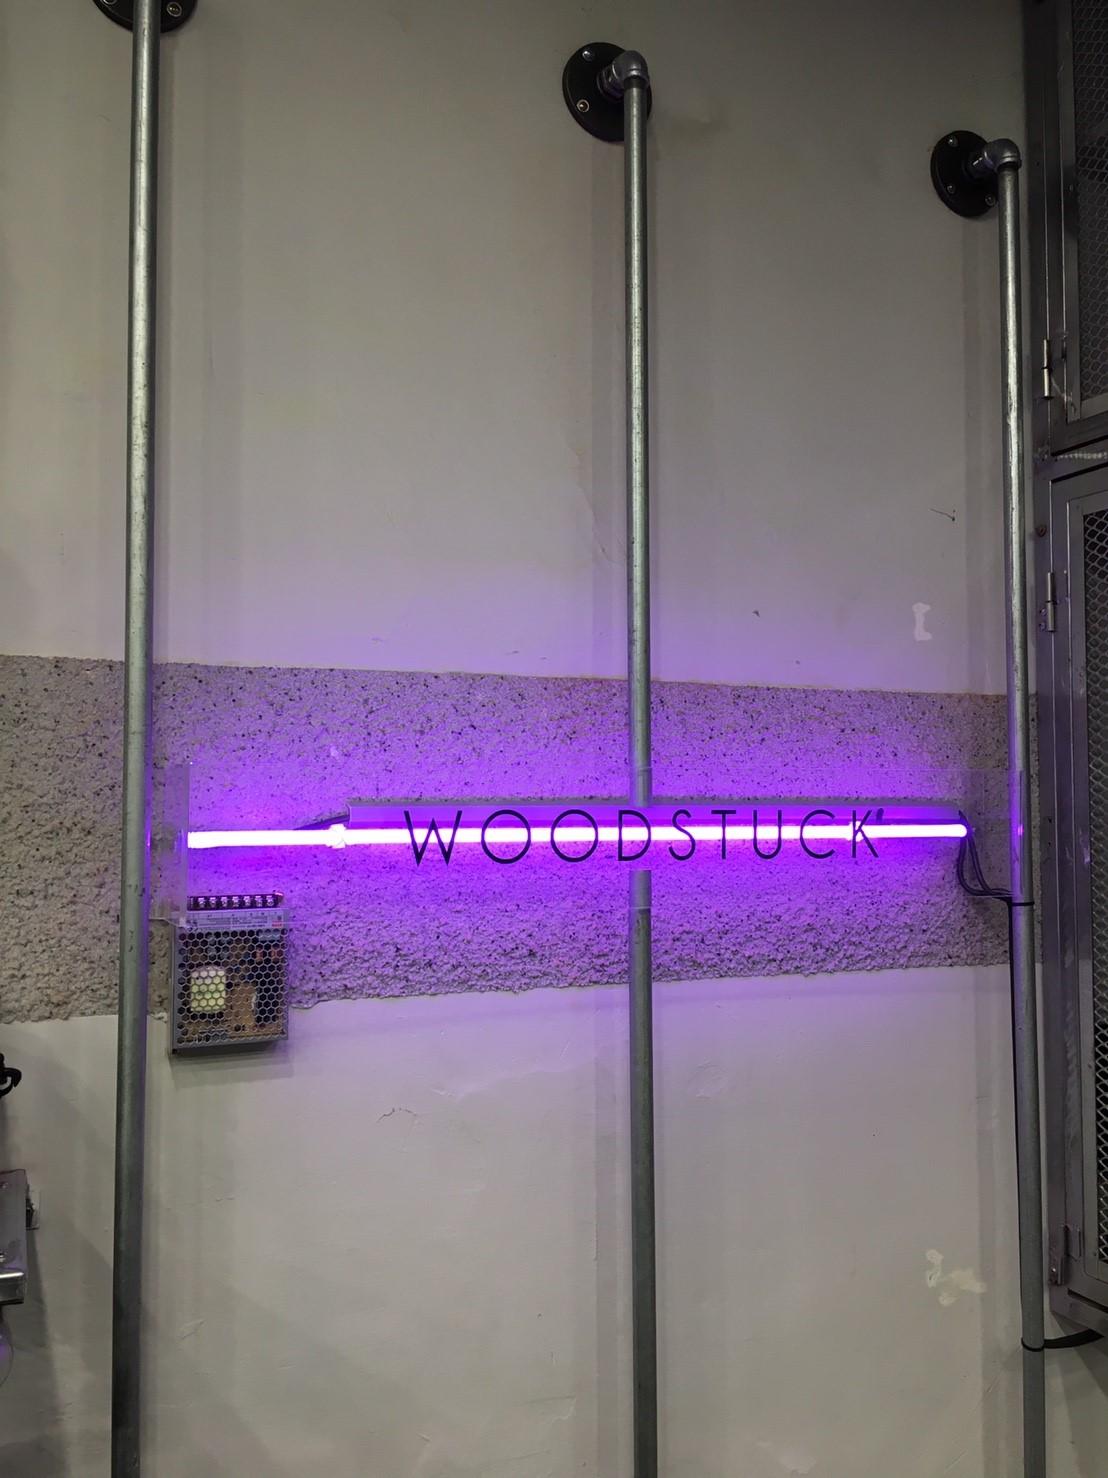 潮牌 HOZ 旗下店鋪招牌燈飾